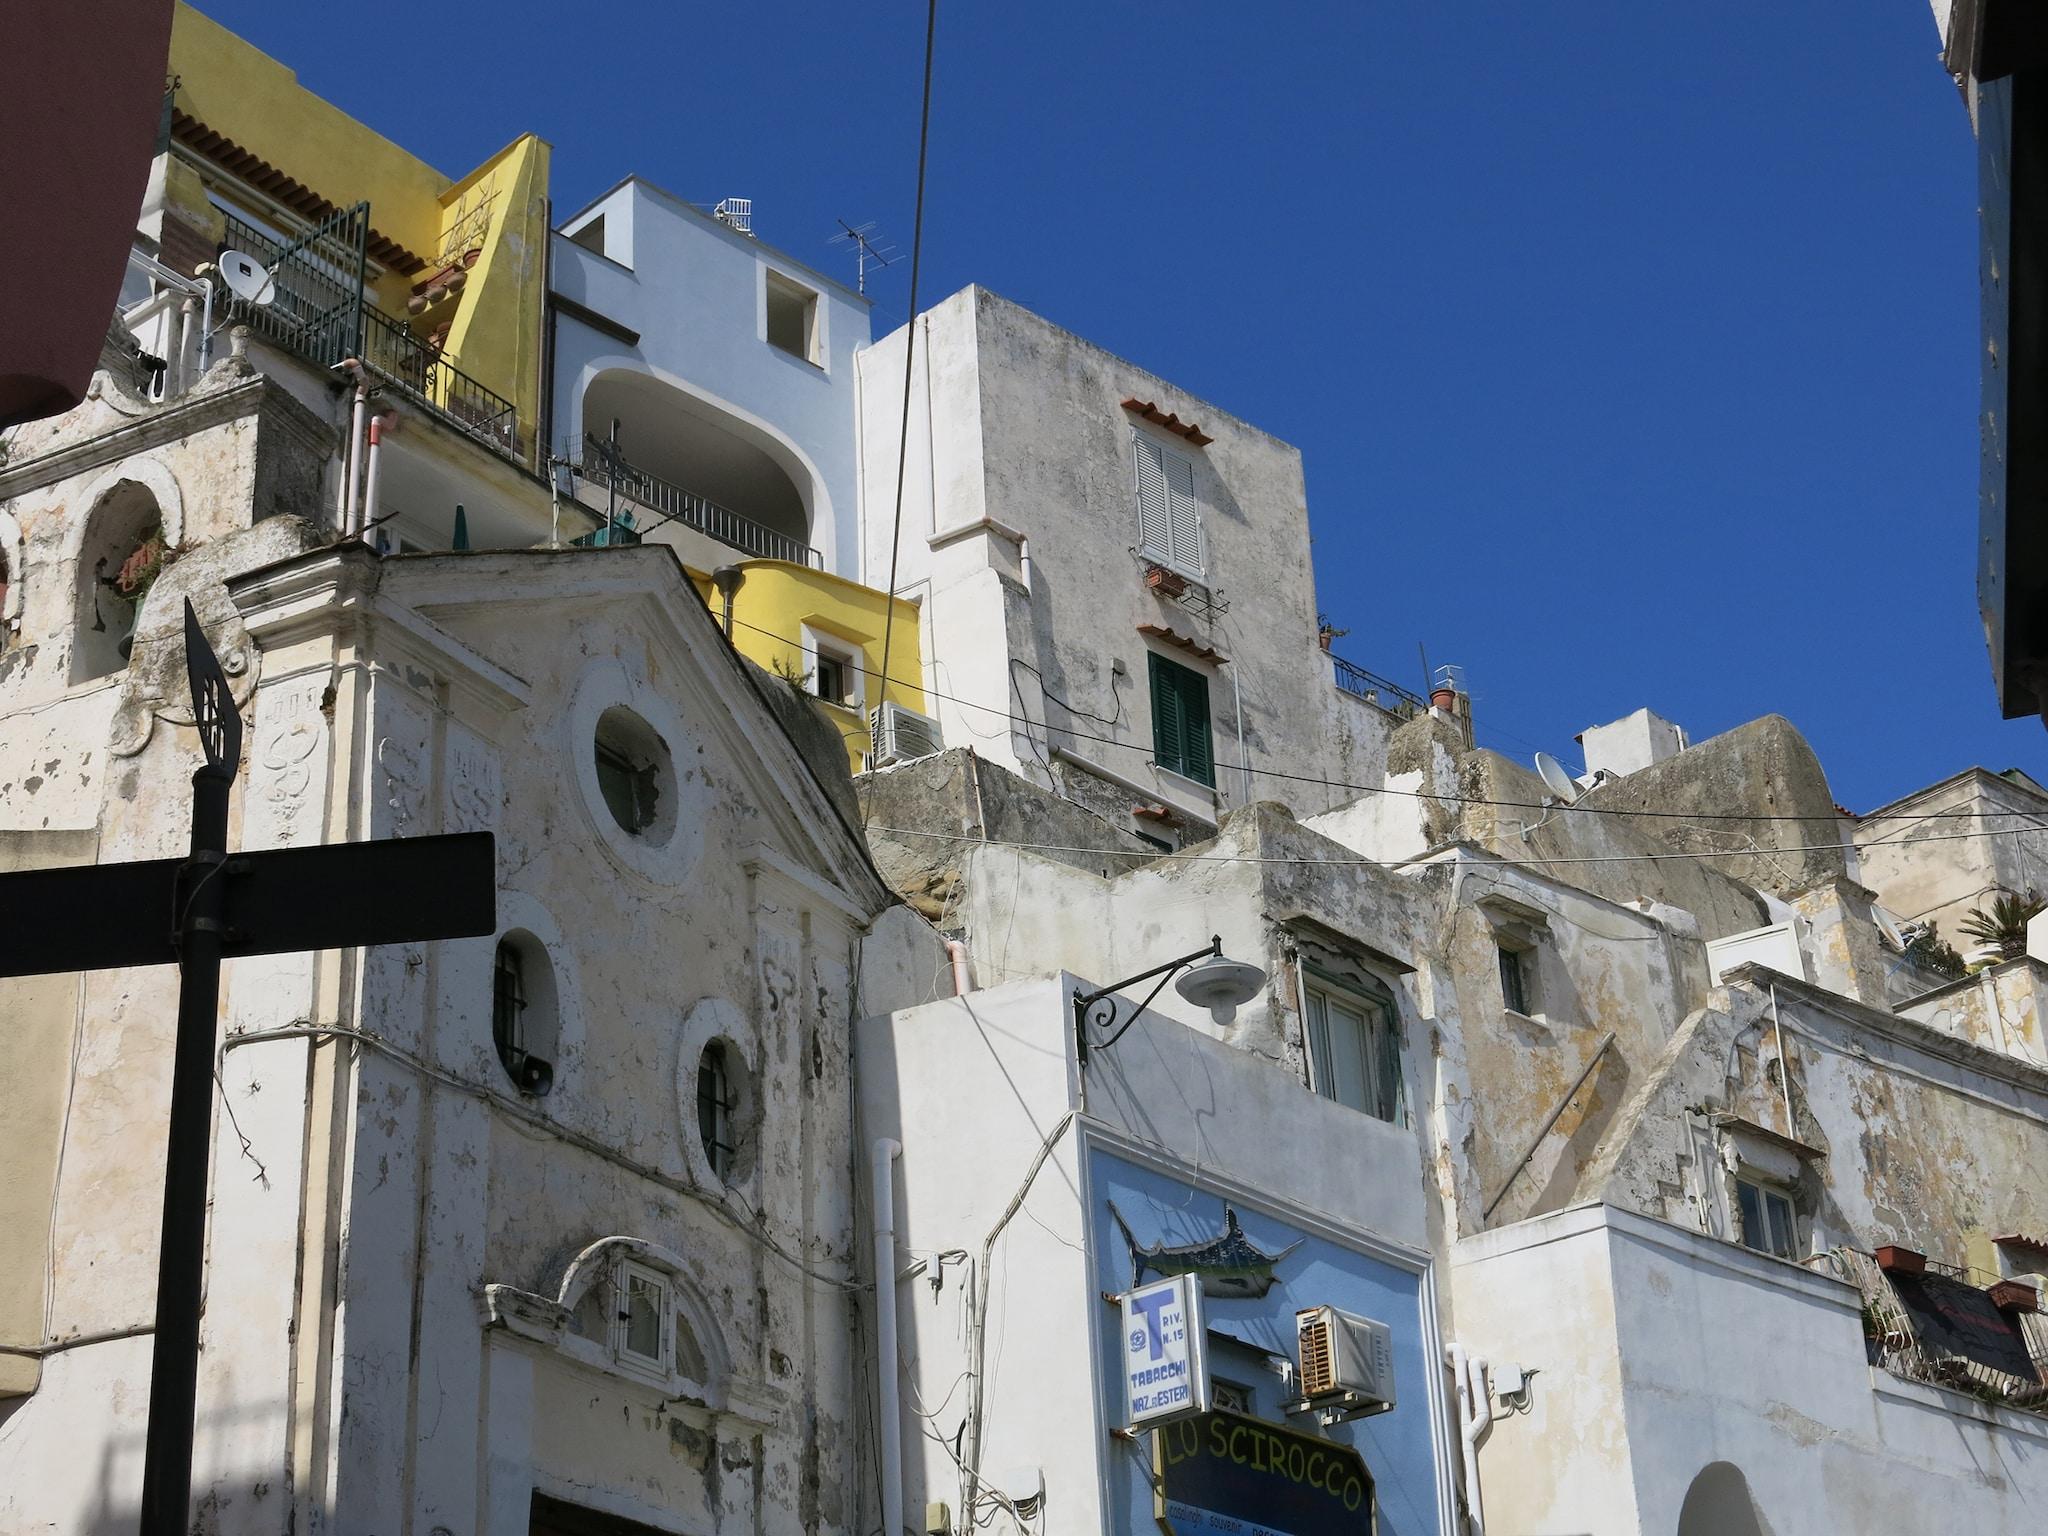 Architetture procidane a Marina Corricella.